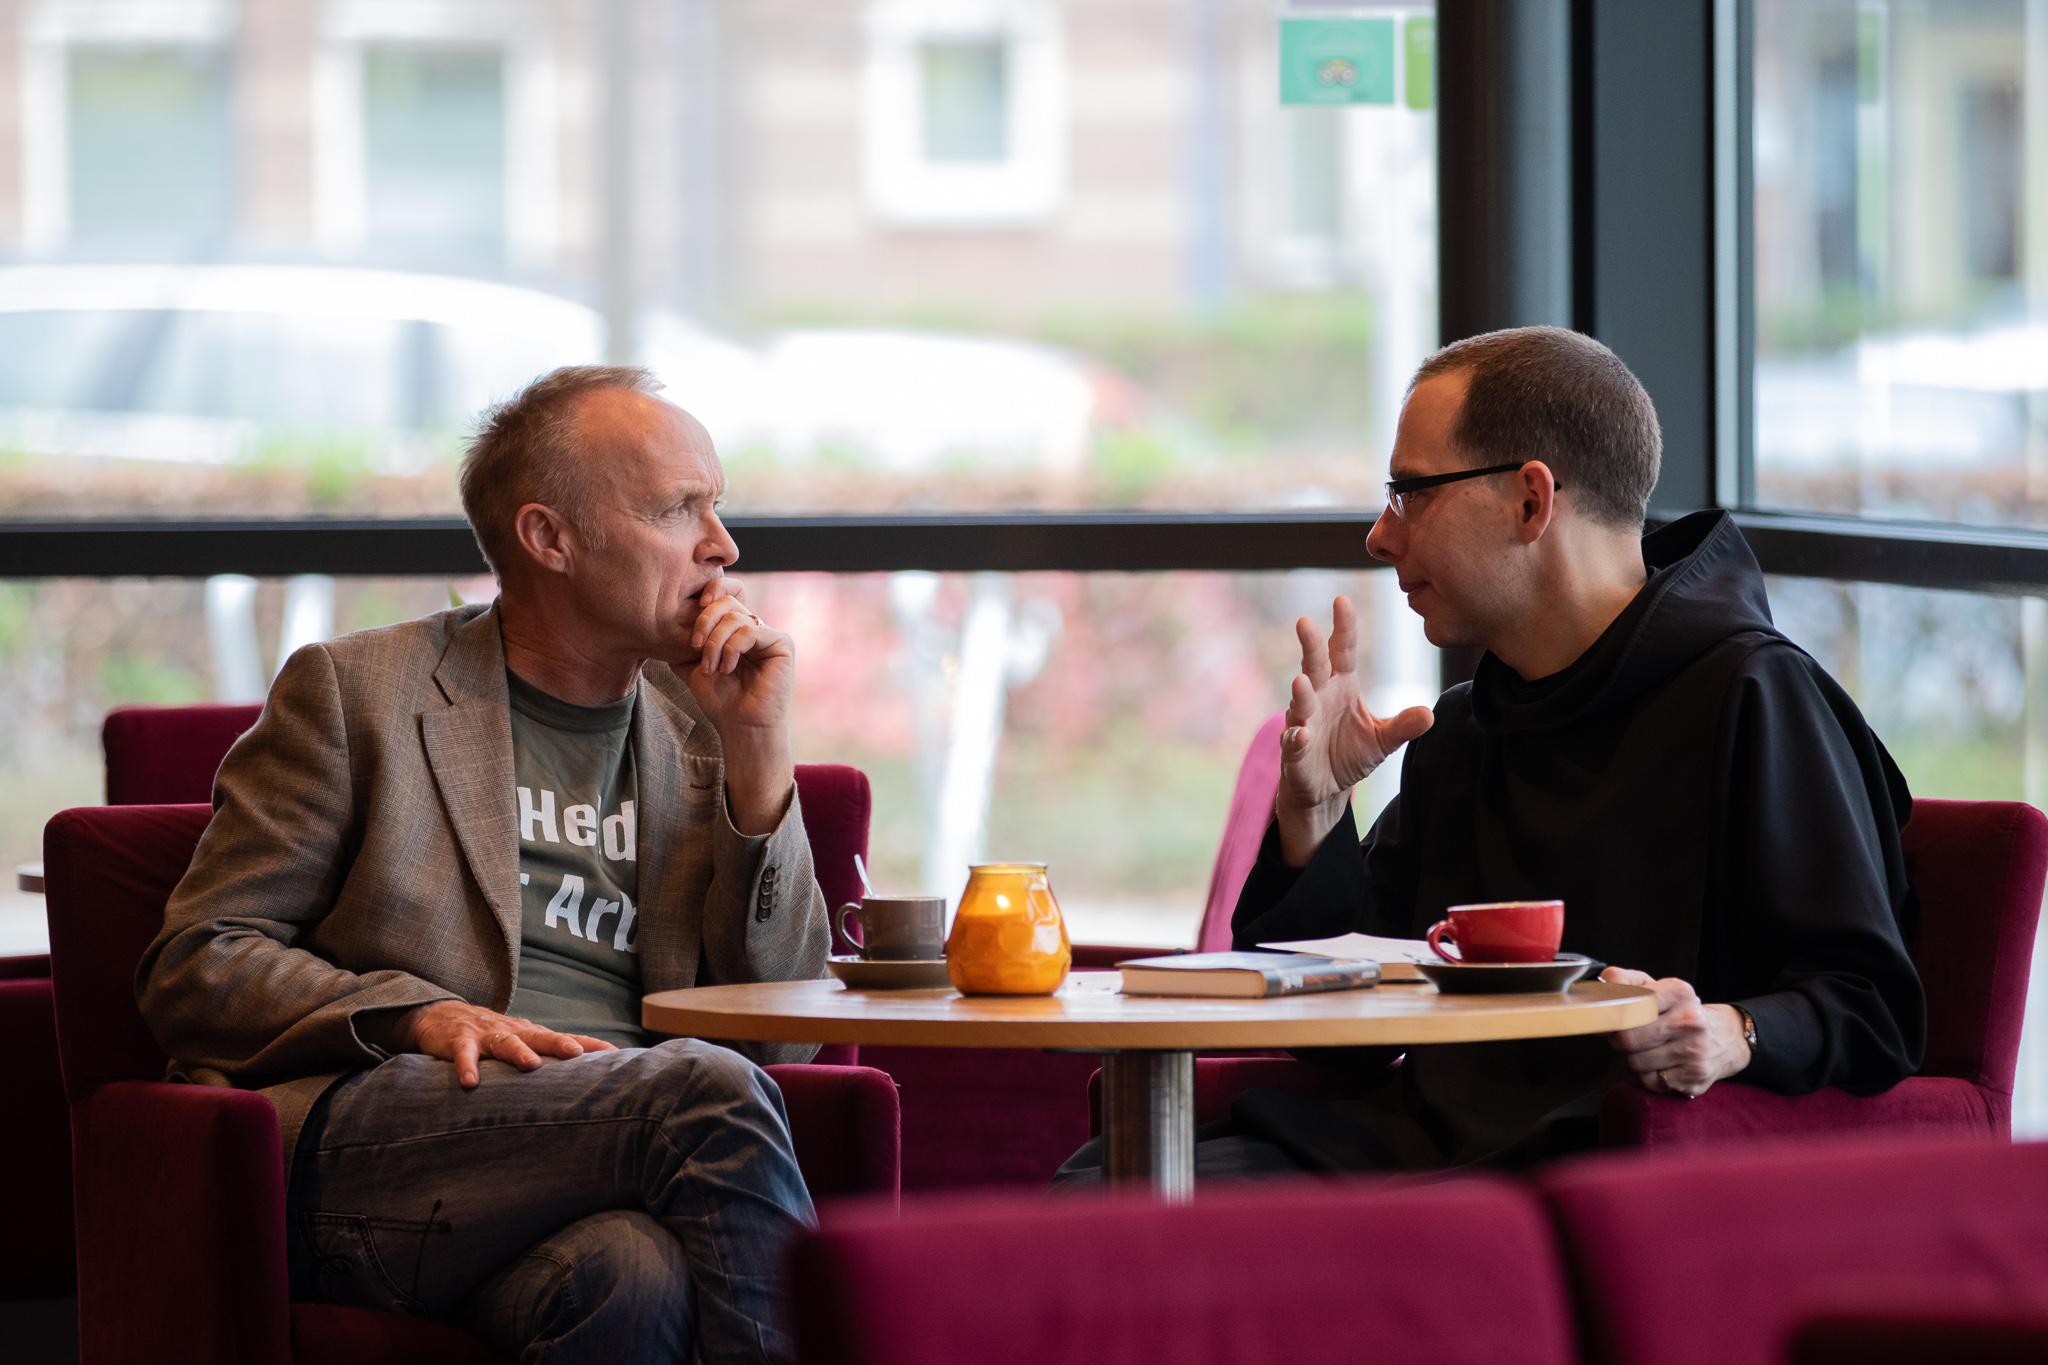 Thomas Quartier and Stef Bos